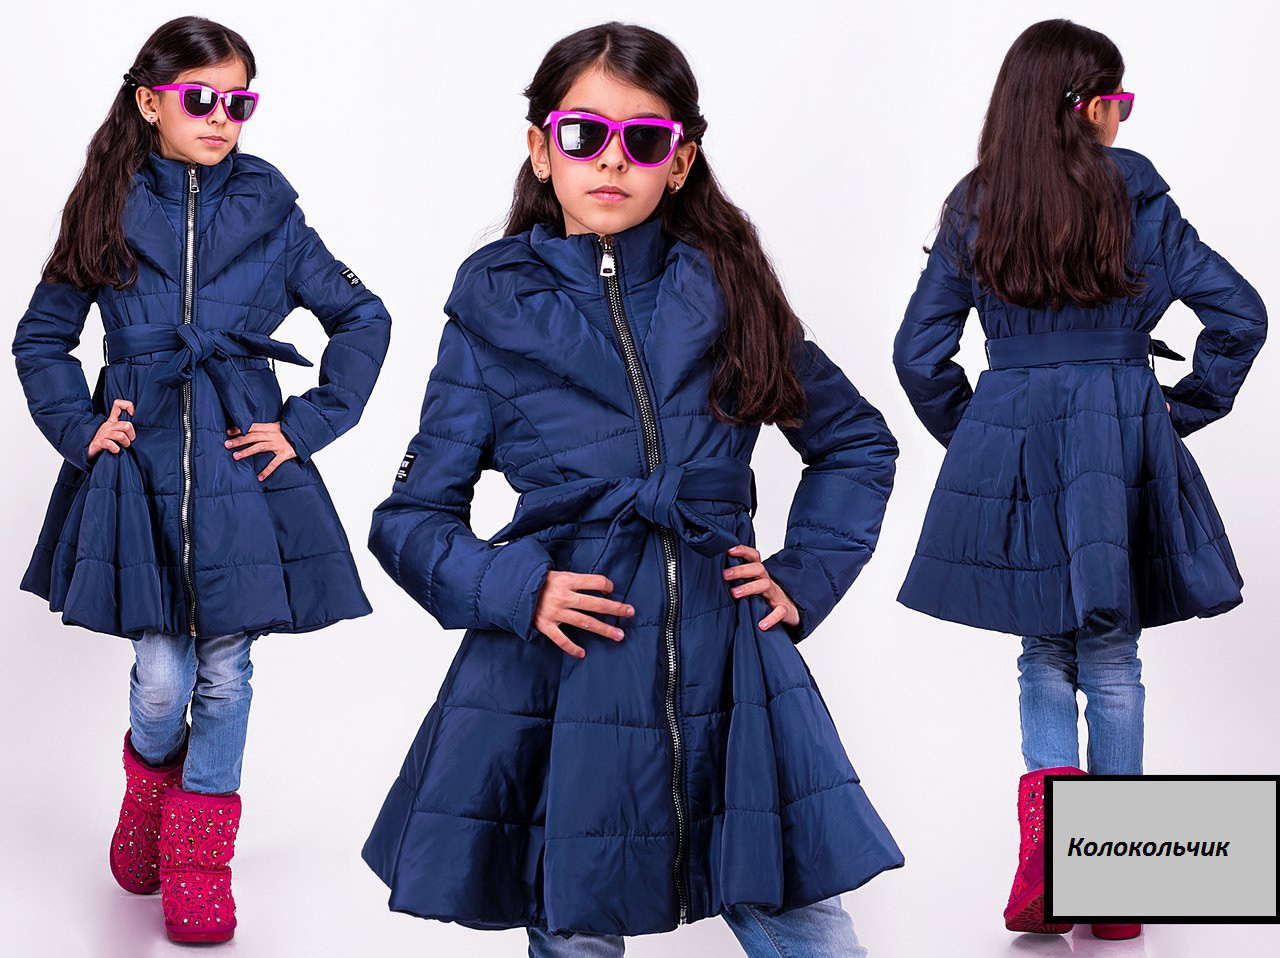 1aab326d01a Весенние куртки и плащи детские для девочек стильные